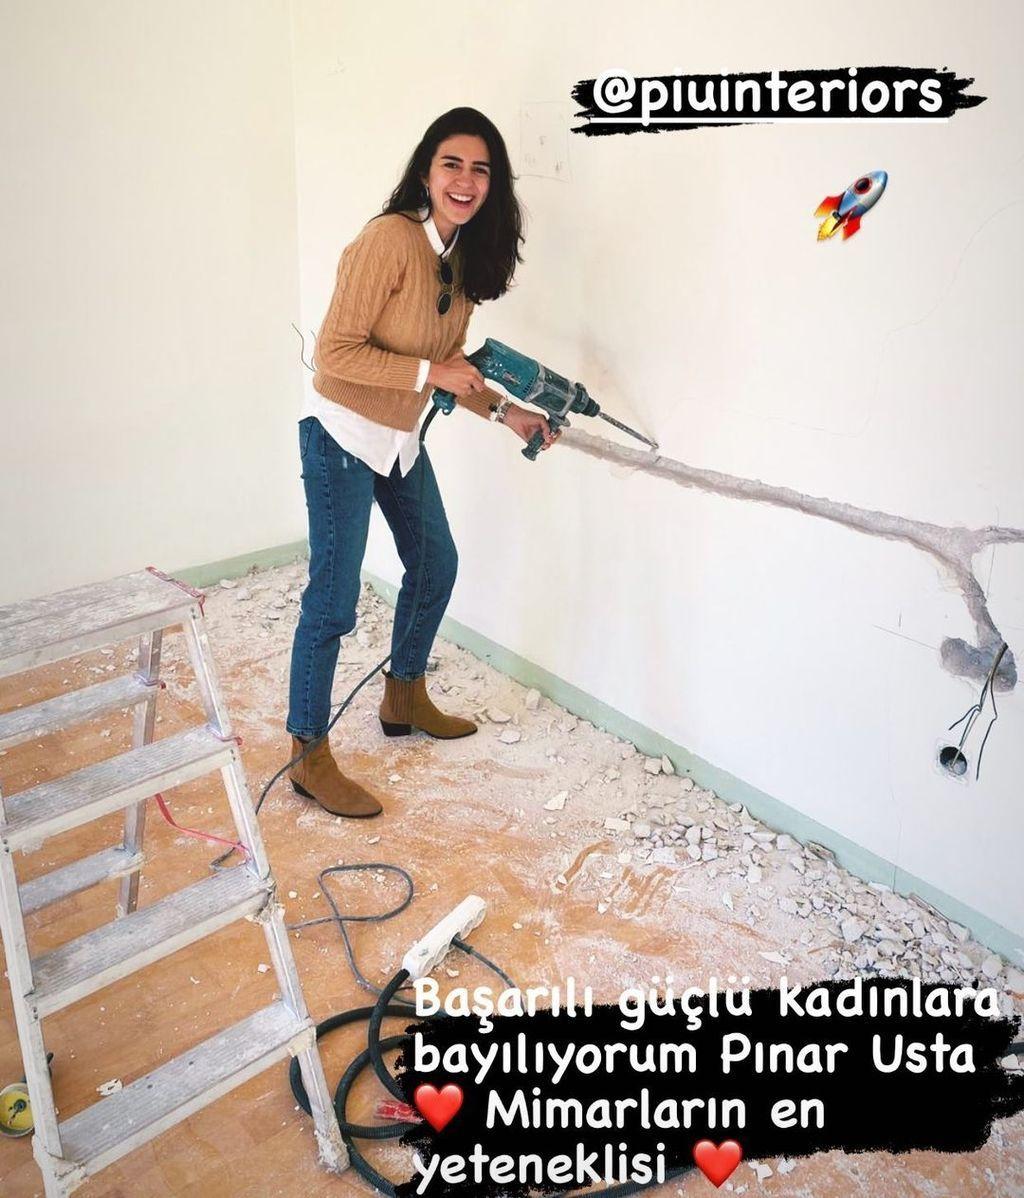 Obras Demet Özdemir